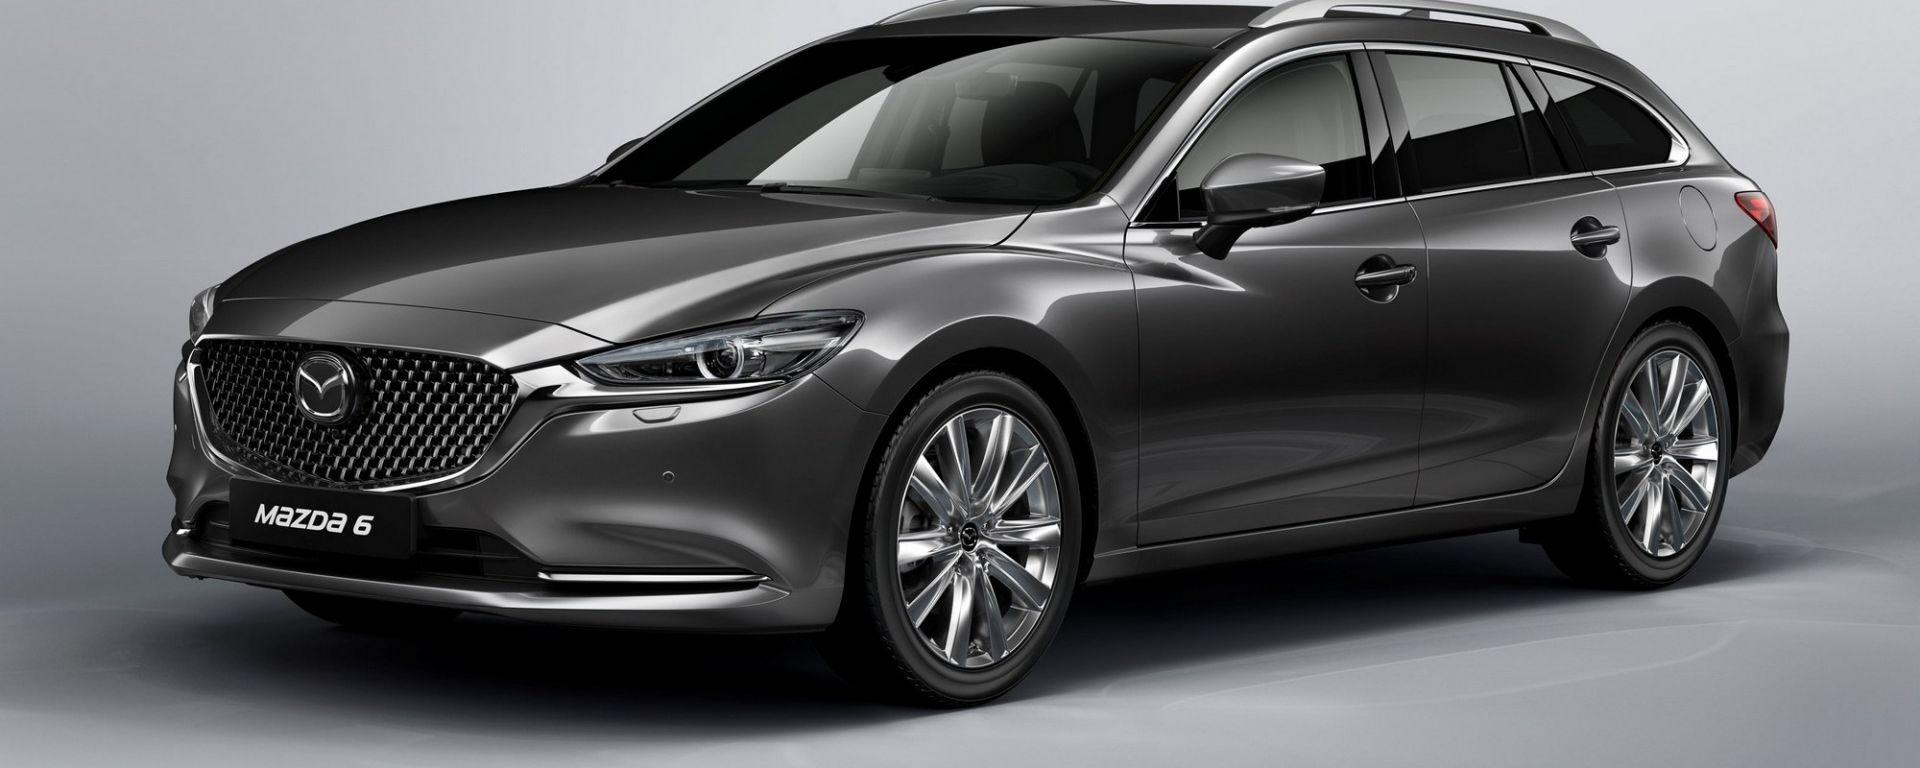 Nuova Mazda 6 Wagon 2018